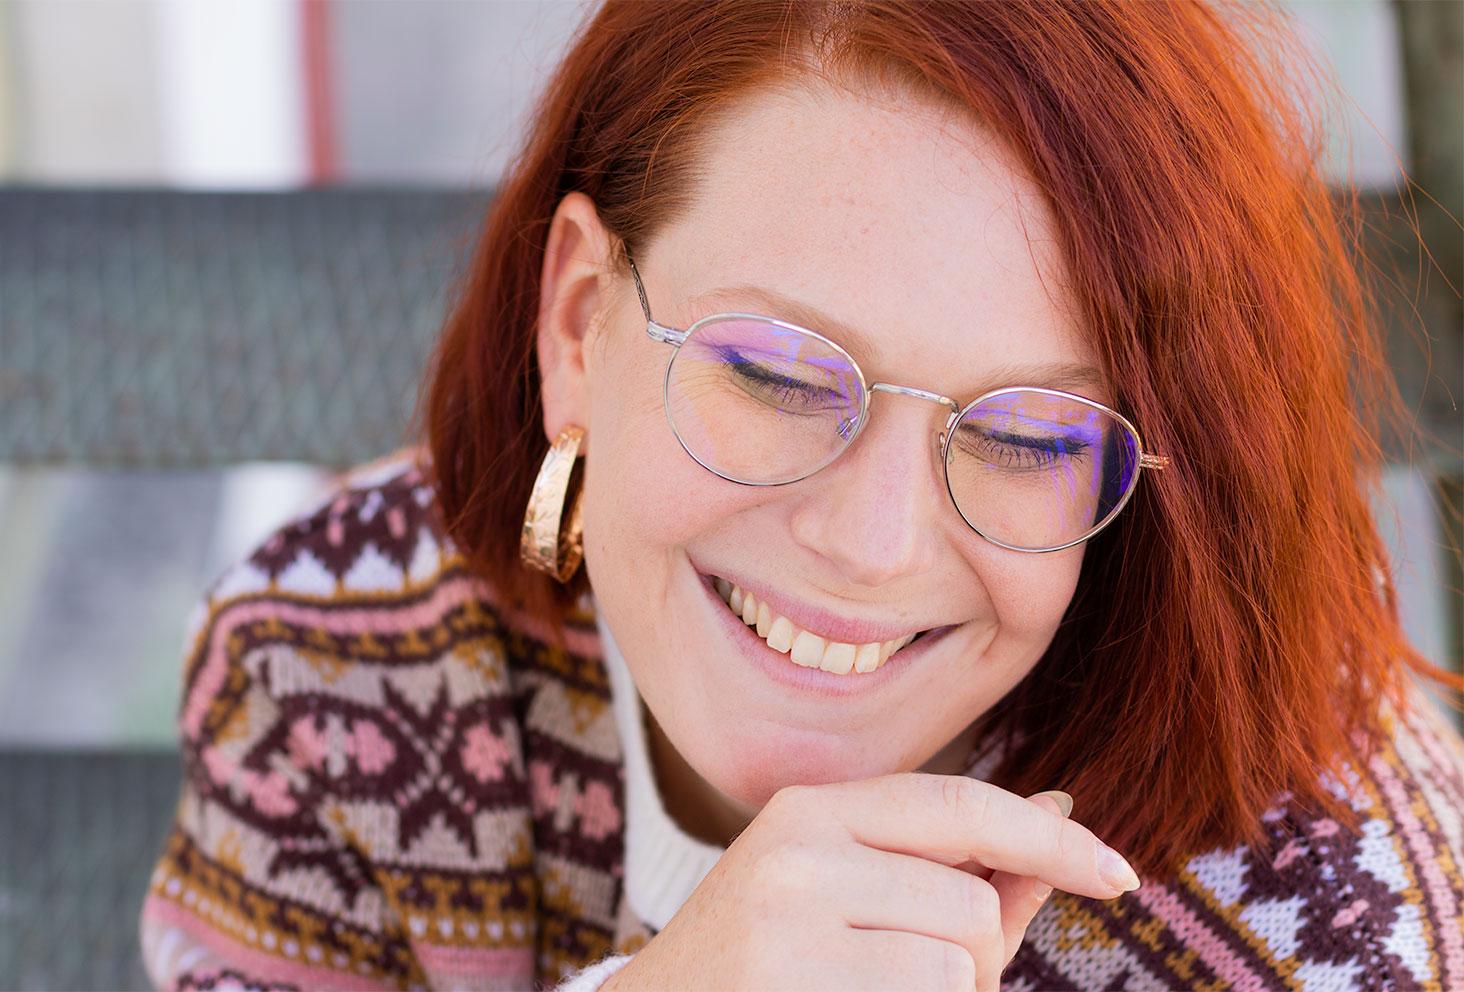 Portrait avec le sourire, les cheveux roux au soleil, assise dans des escaliers en métal vert